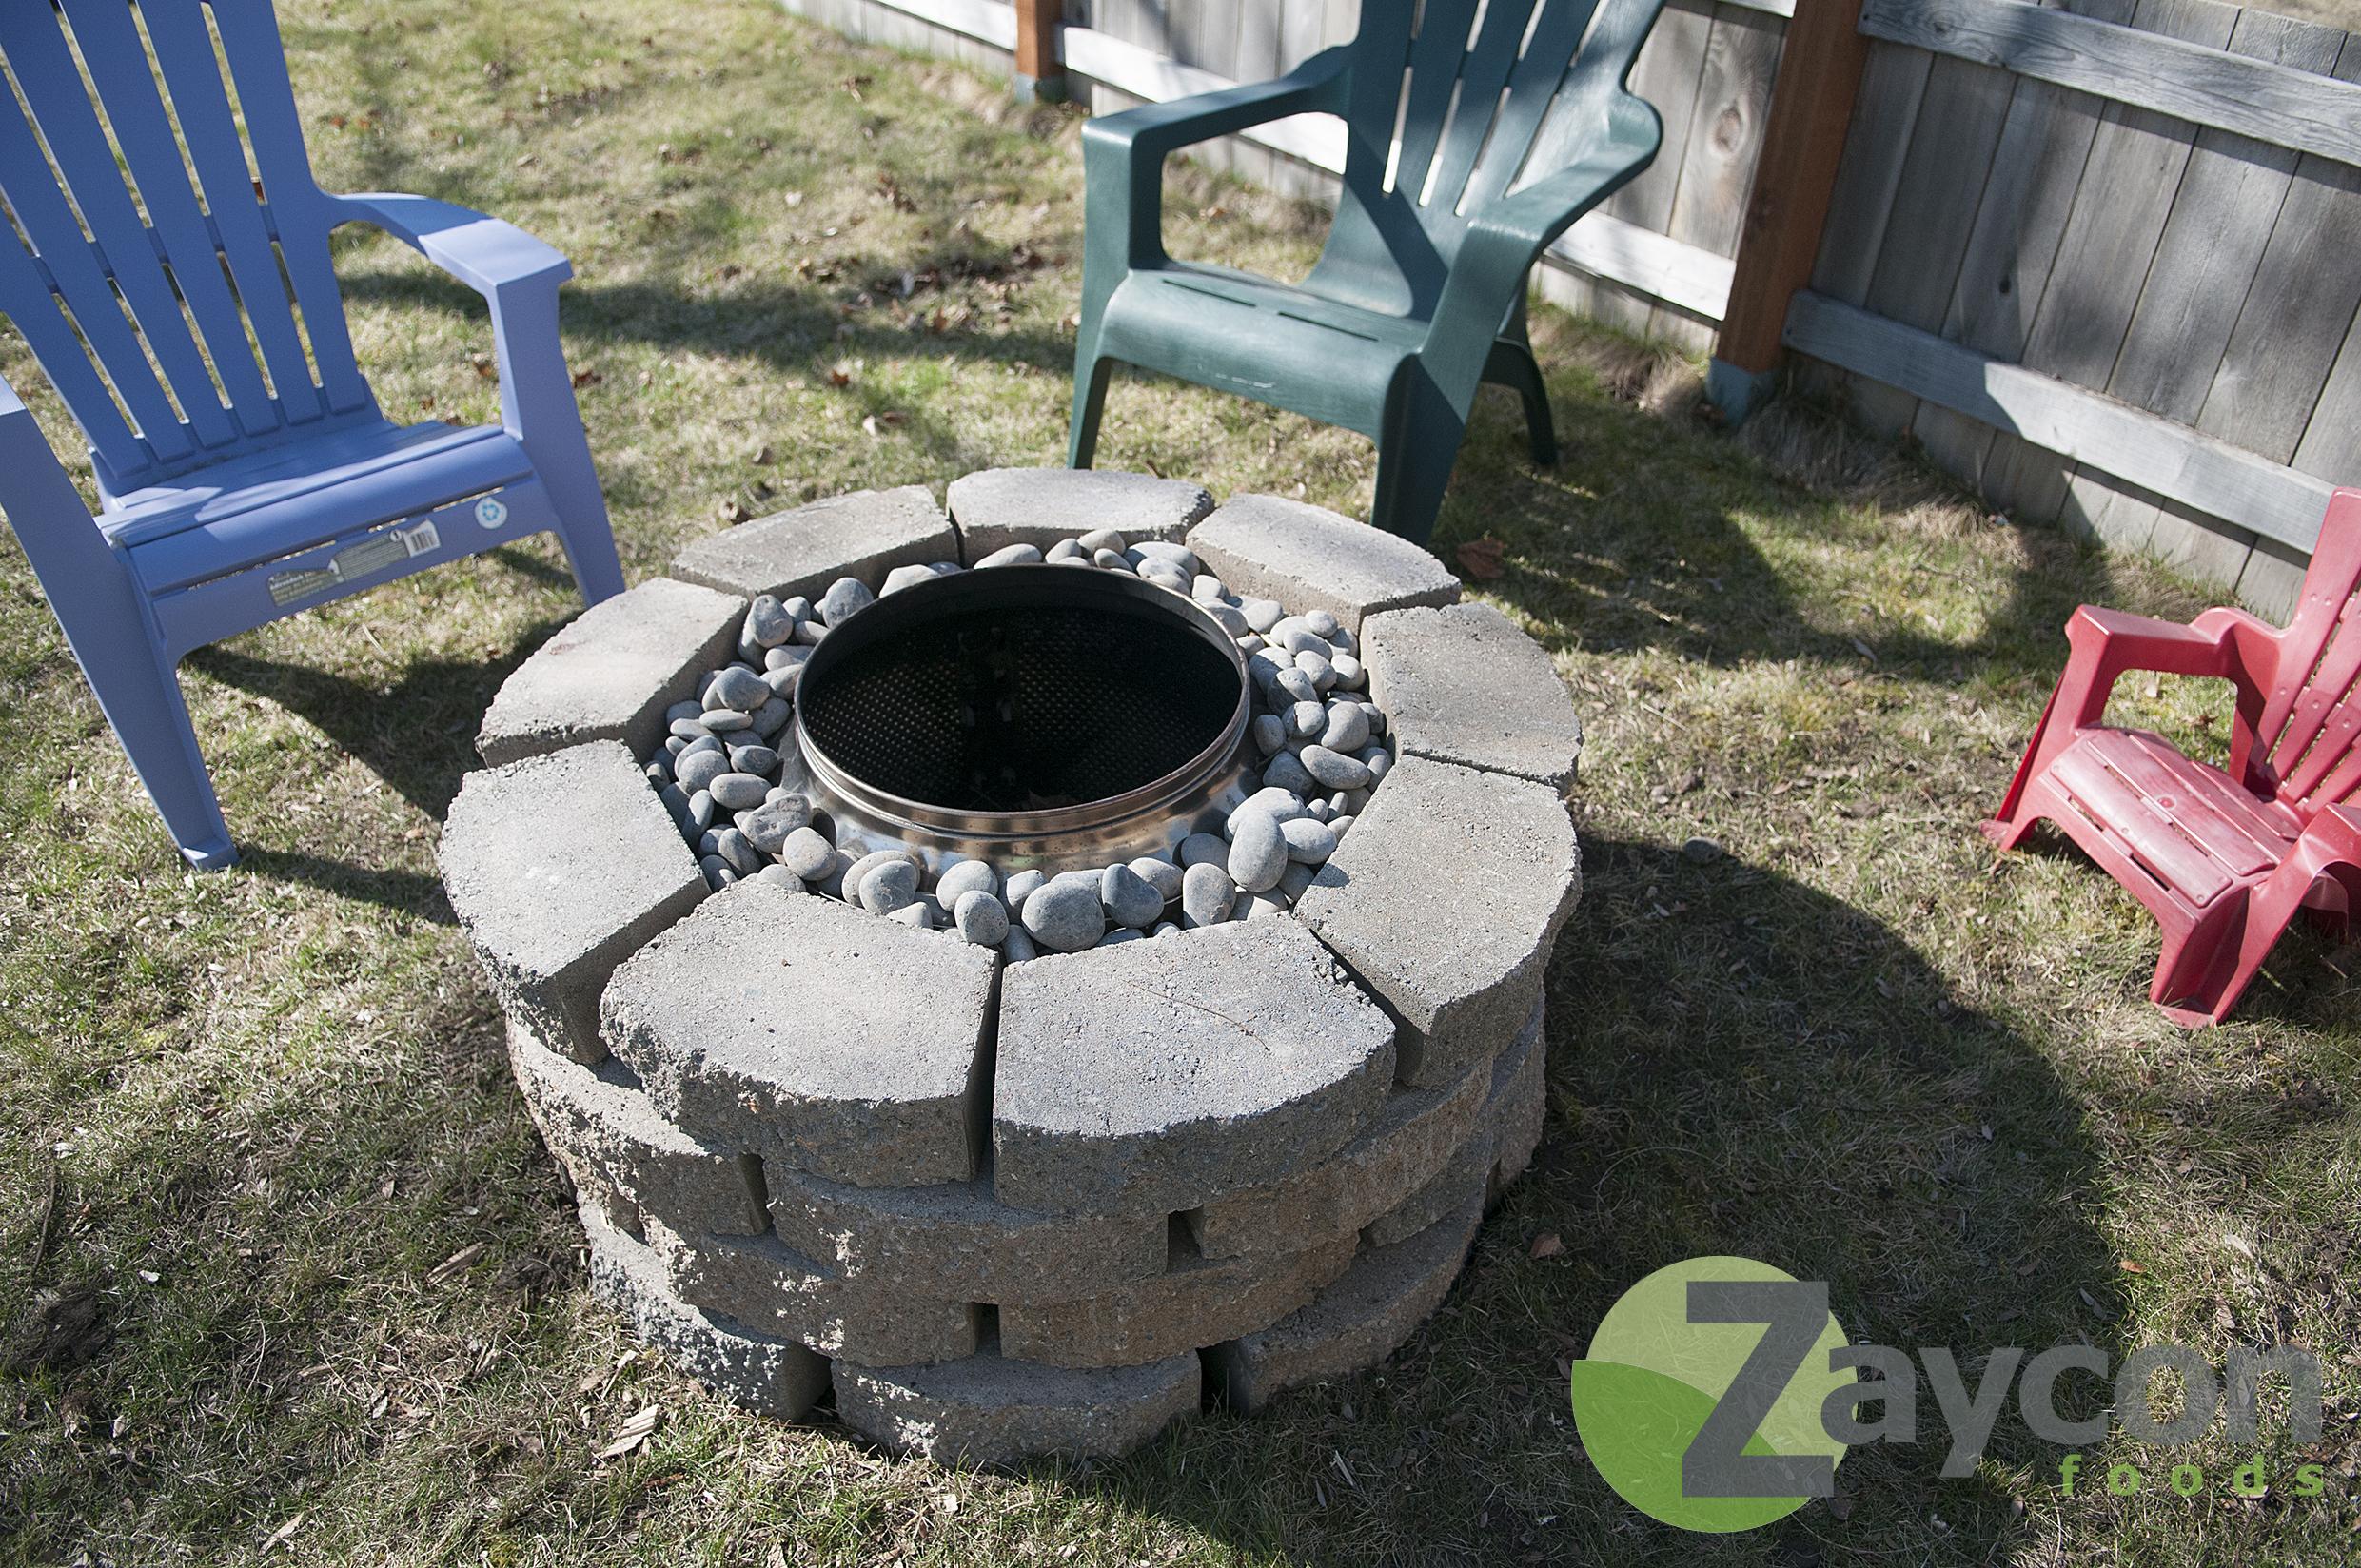 Fire Pit Zaycon Fresh Blog